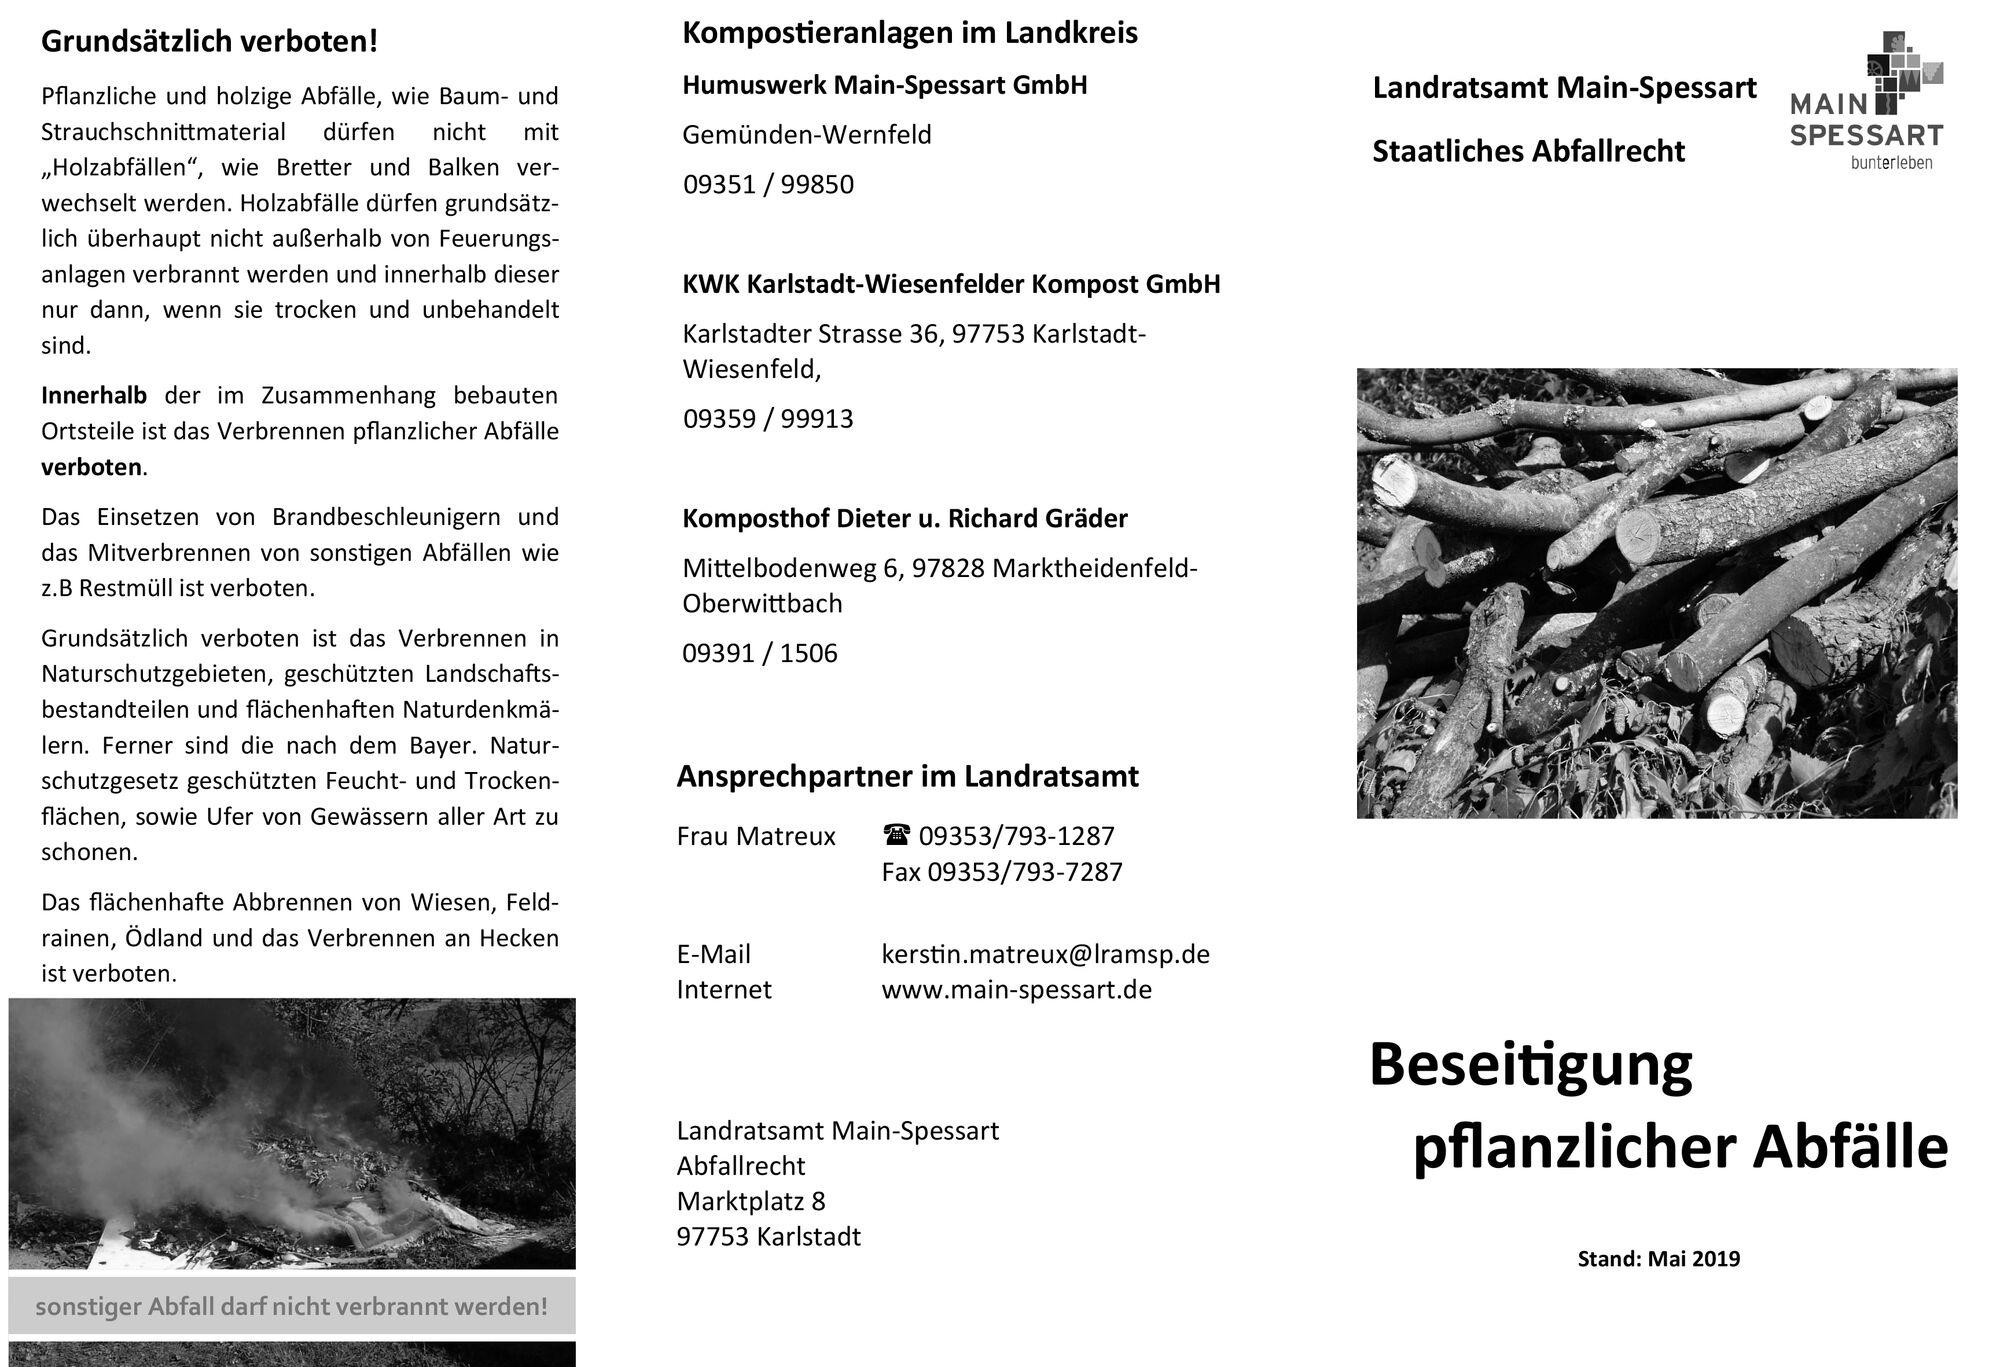 Infoblatt Nr. 06 - Beseitig ung pflanzlicher Abfälle-1